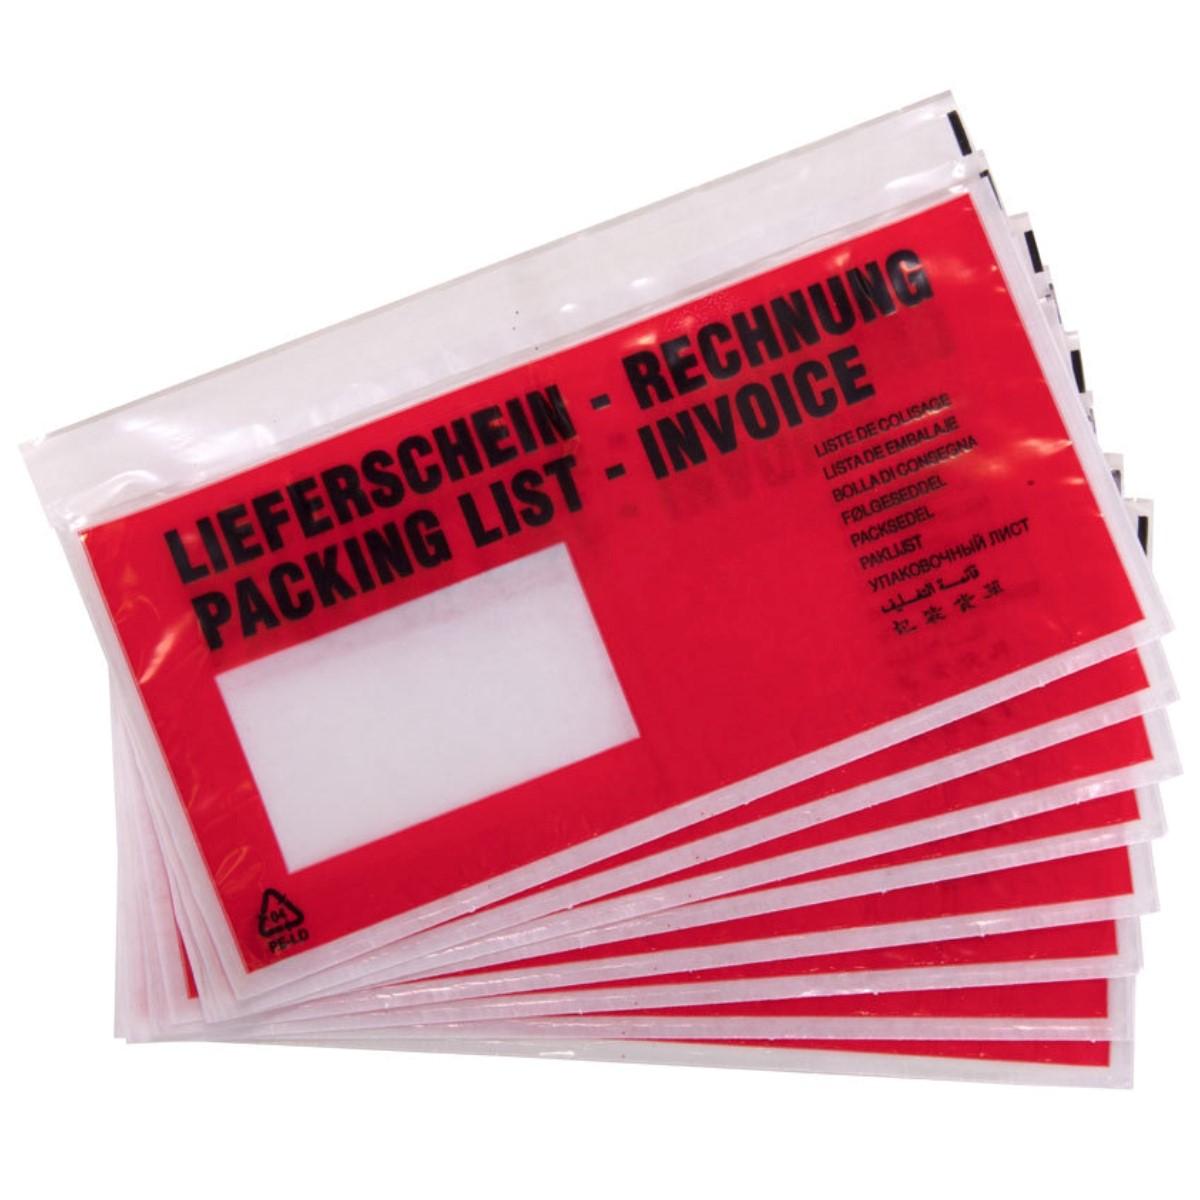 docufix begleitpapiertaschen mit aufdruck lieferschein rechnung ebay. Black Bedroom Furniture Sets. Home Design Ideas